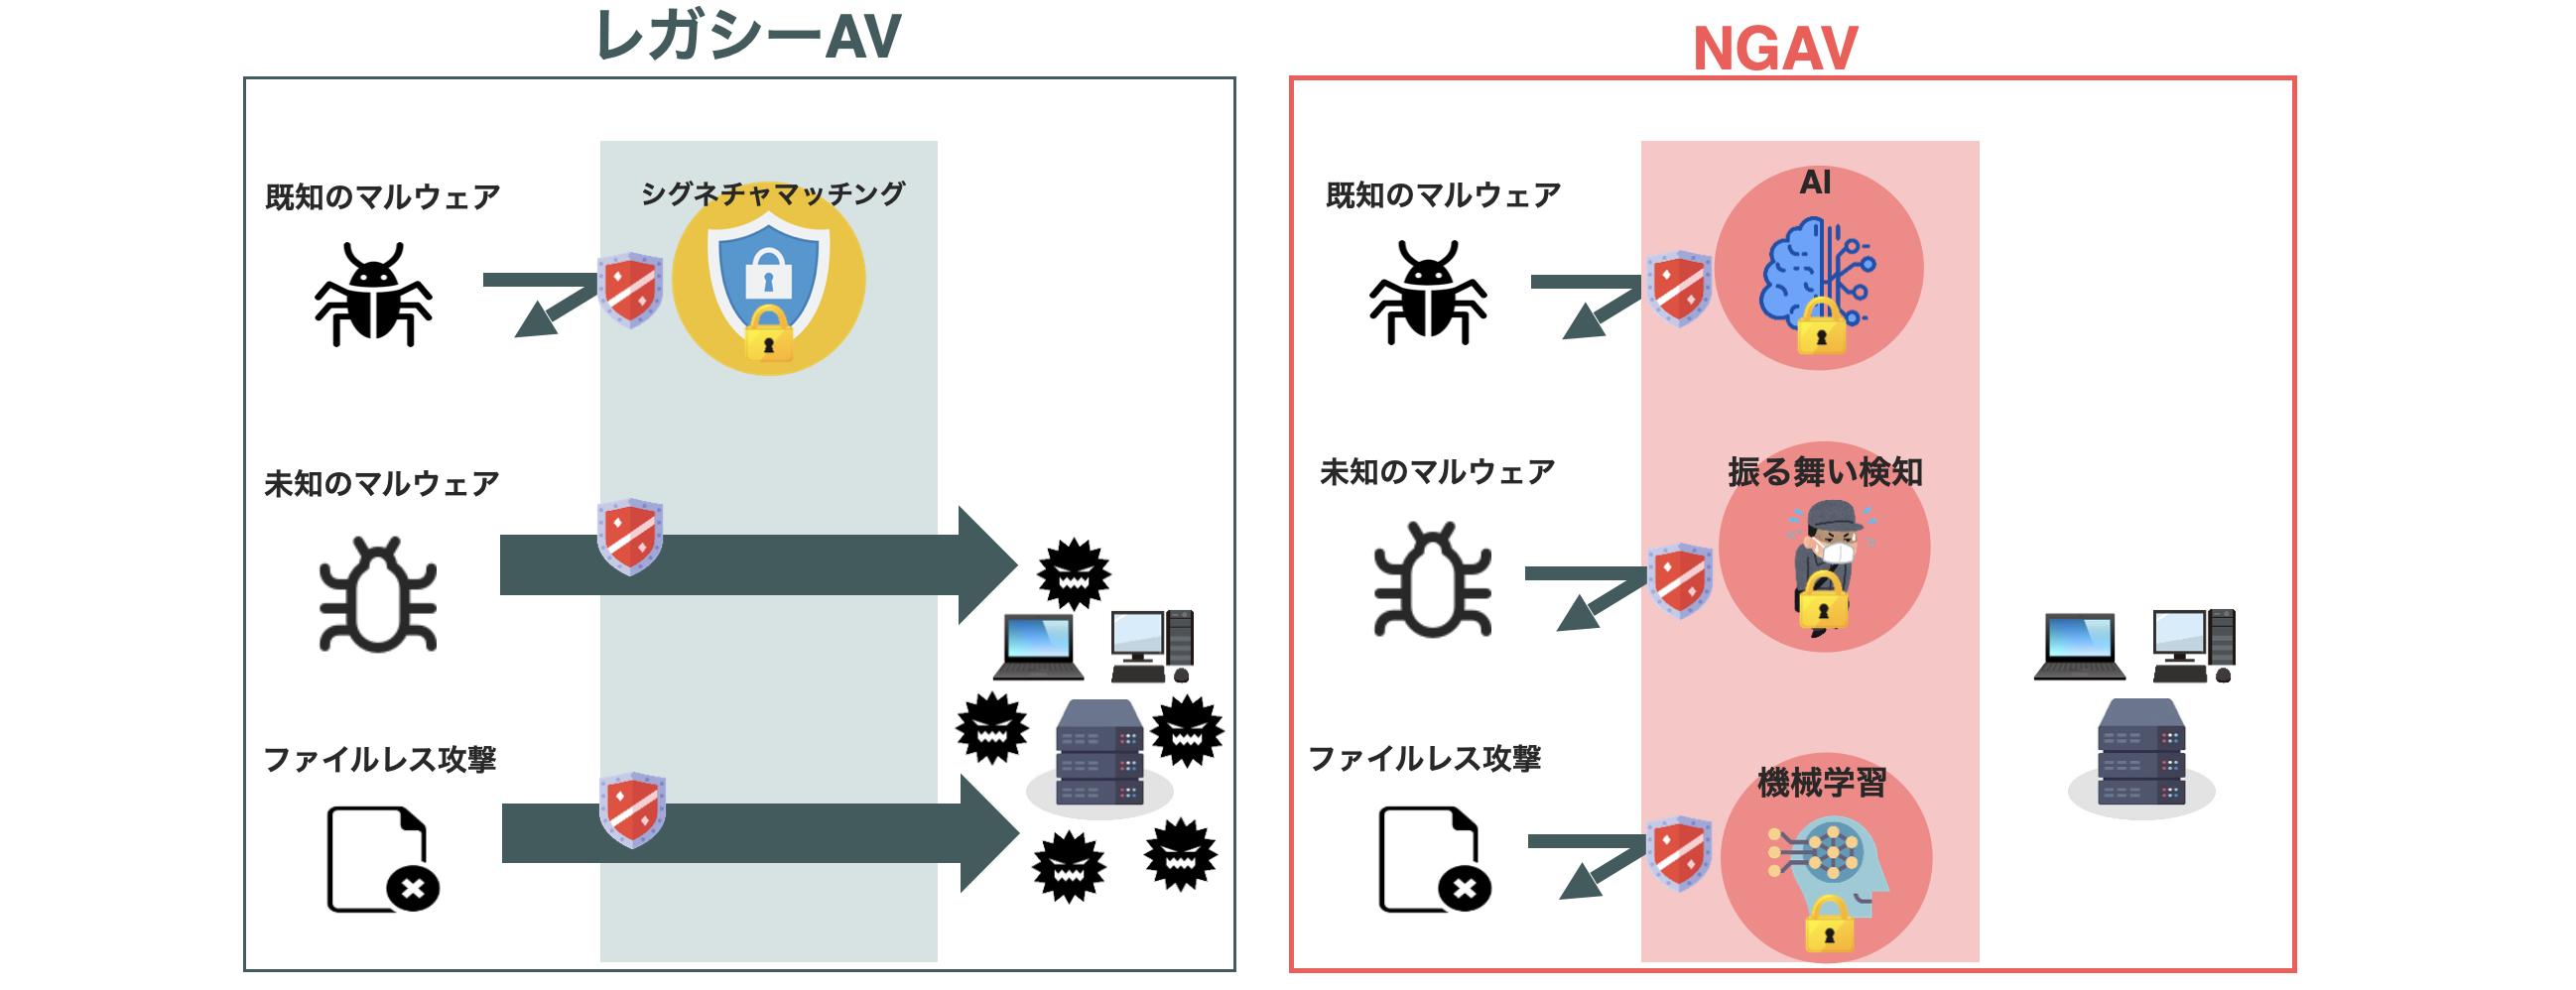 レガシーAV vs NGAV